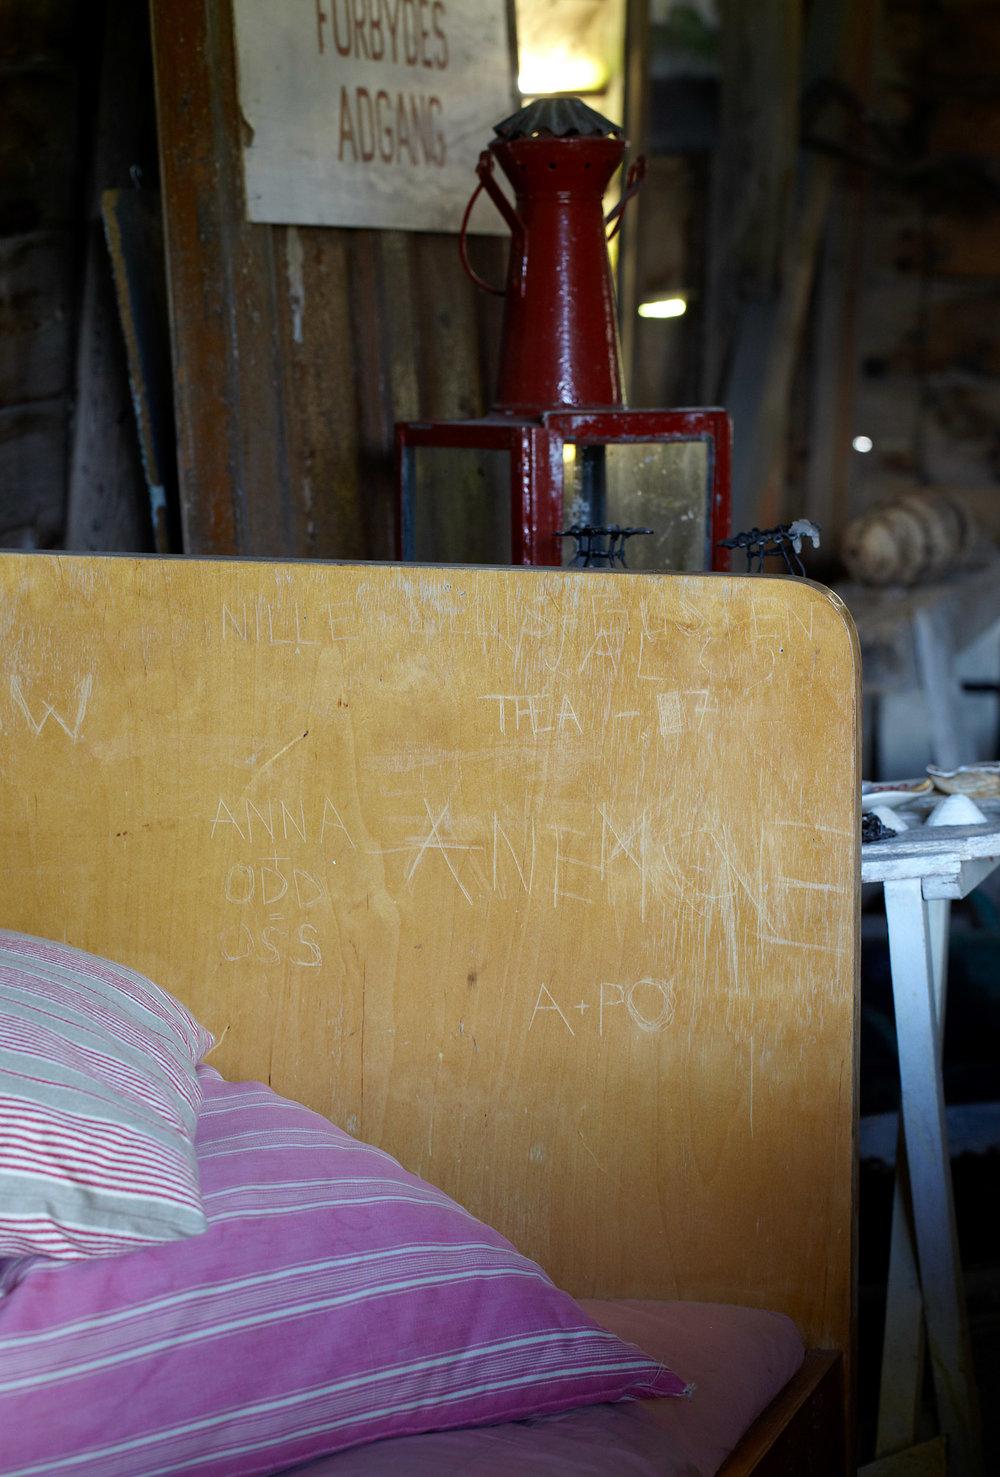 Sæbø_022.jpg